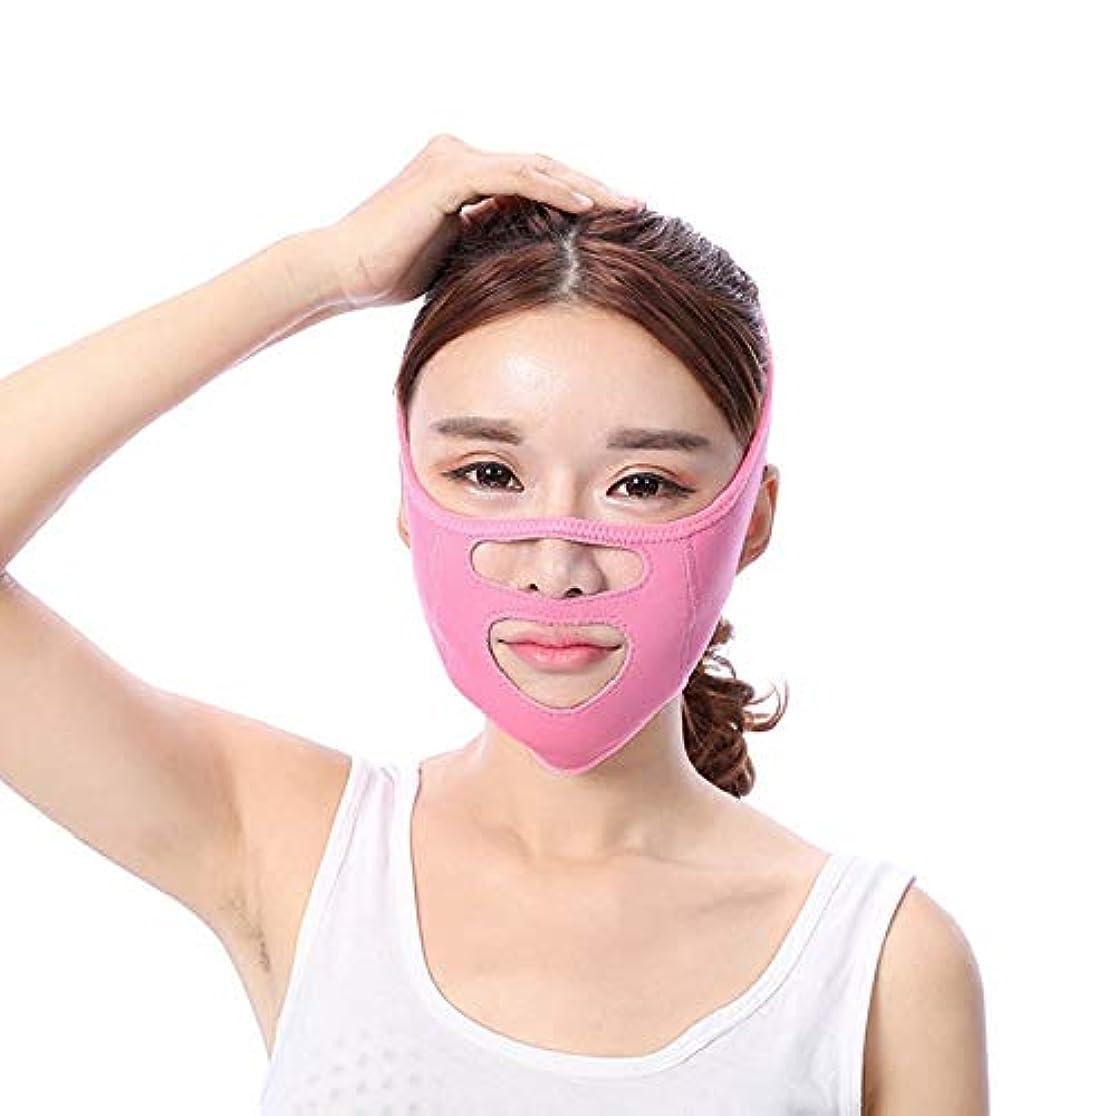 頑丈固めるスチュワーデスフェイスリフトベルトフェイスバンデージ美容機器リフティングファインディングダブルチン法令Vマスク睡眠マスク通気性